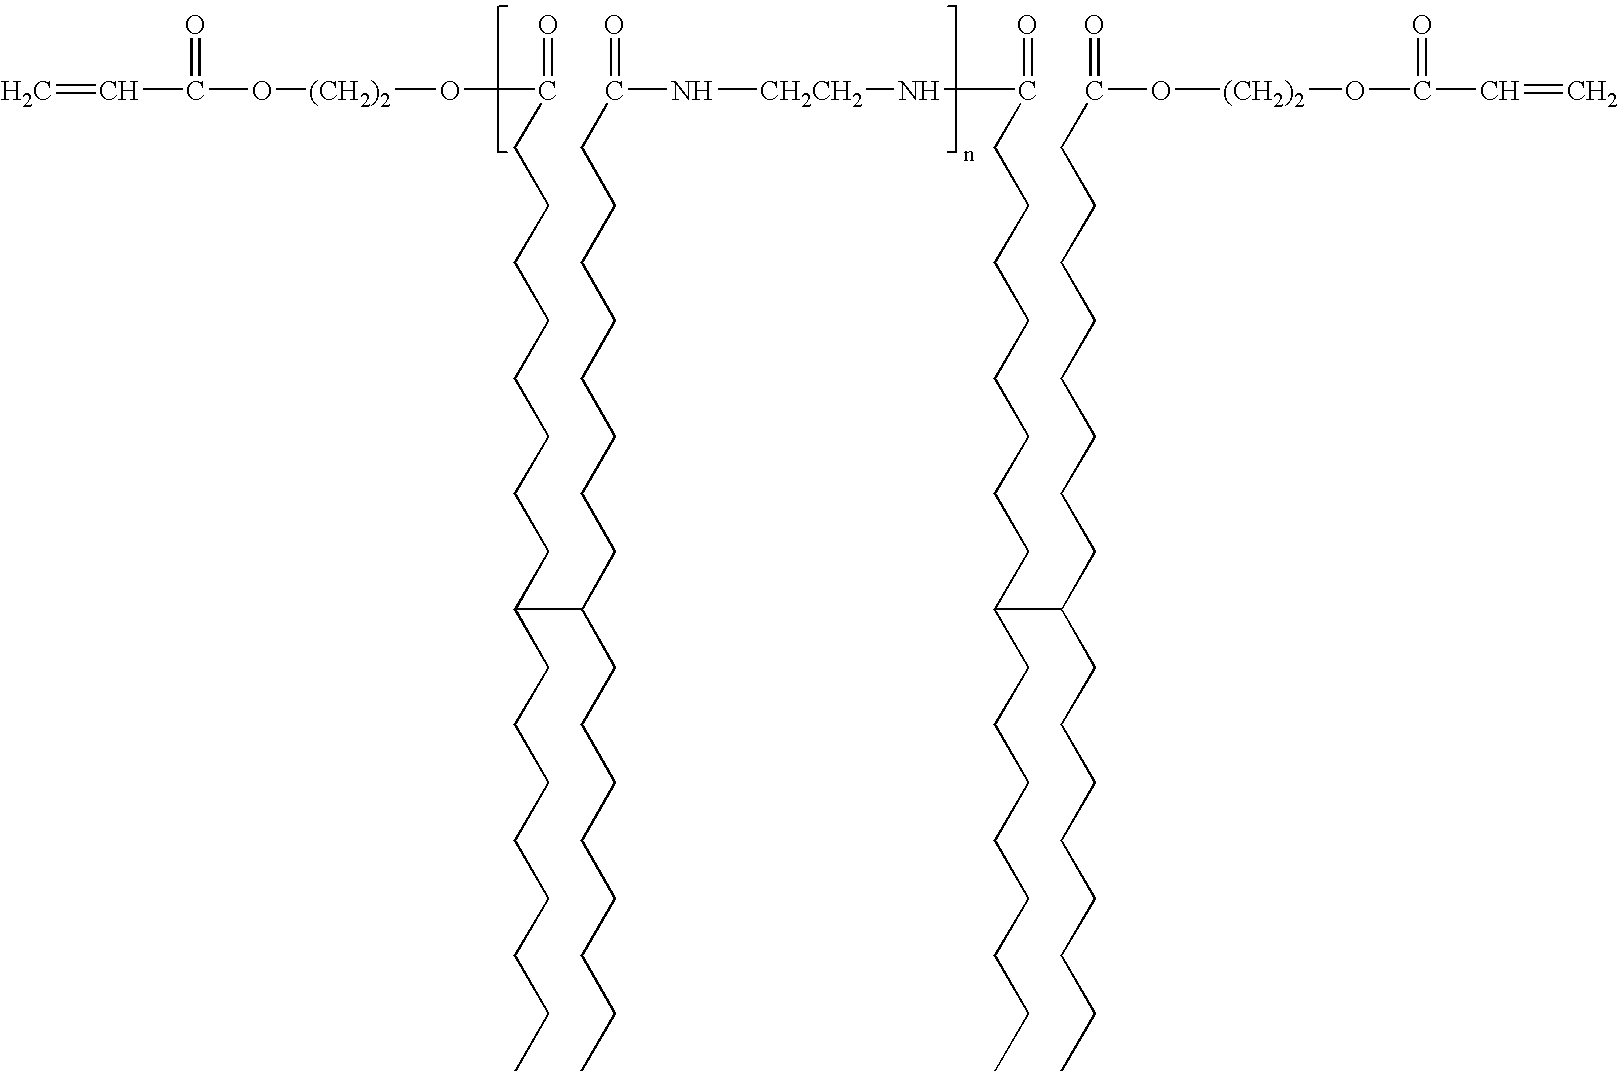 Figure US20070123724A1-20070531-C00053